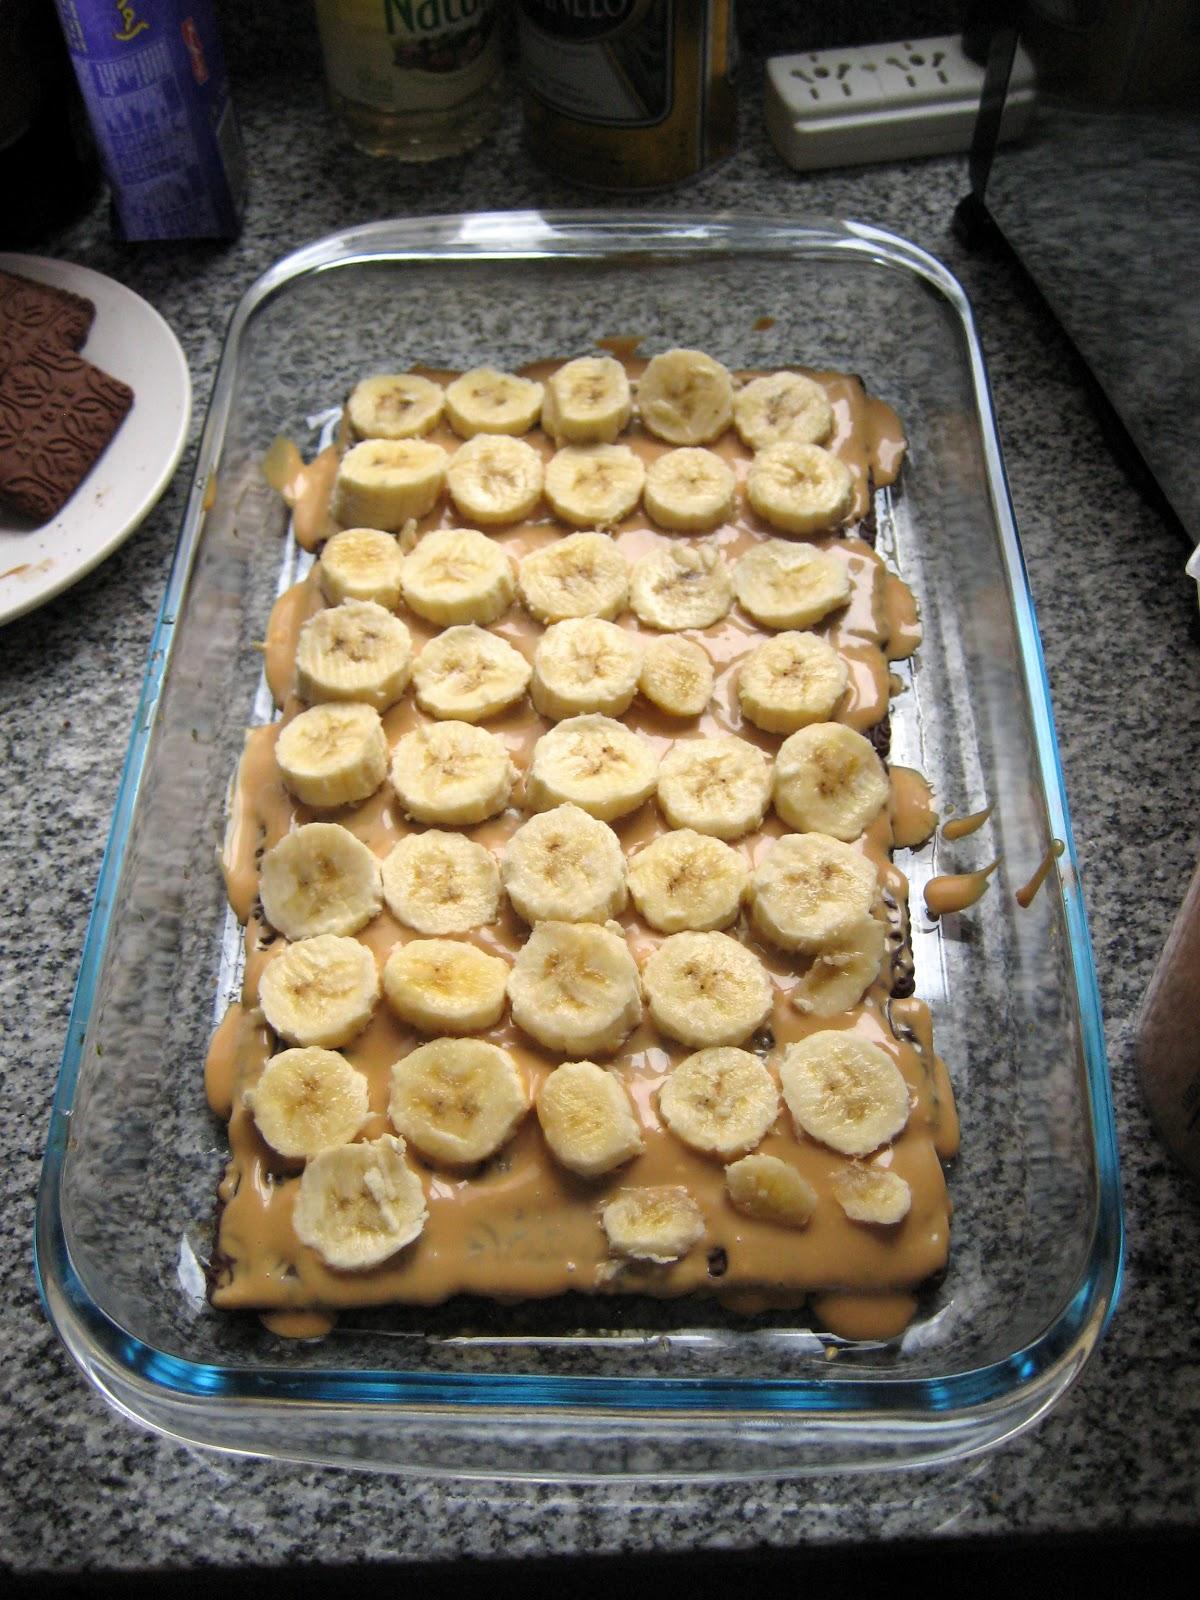 Resultado de imagen para chocotorta con banana